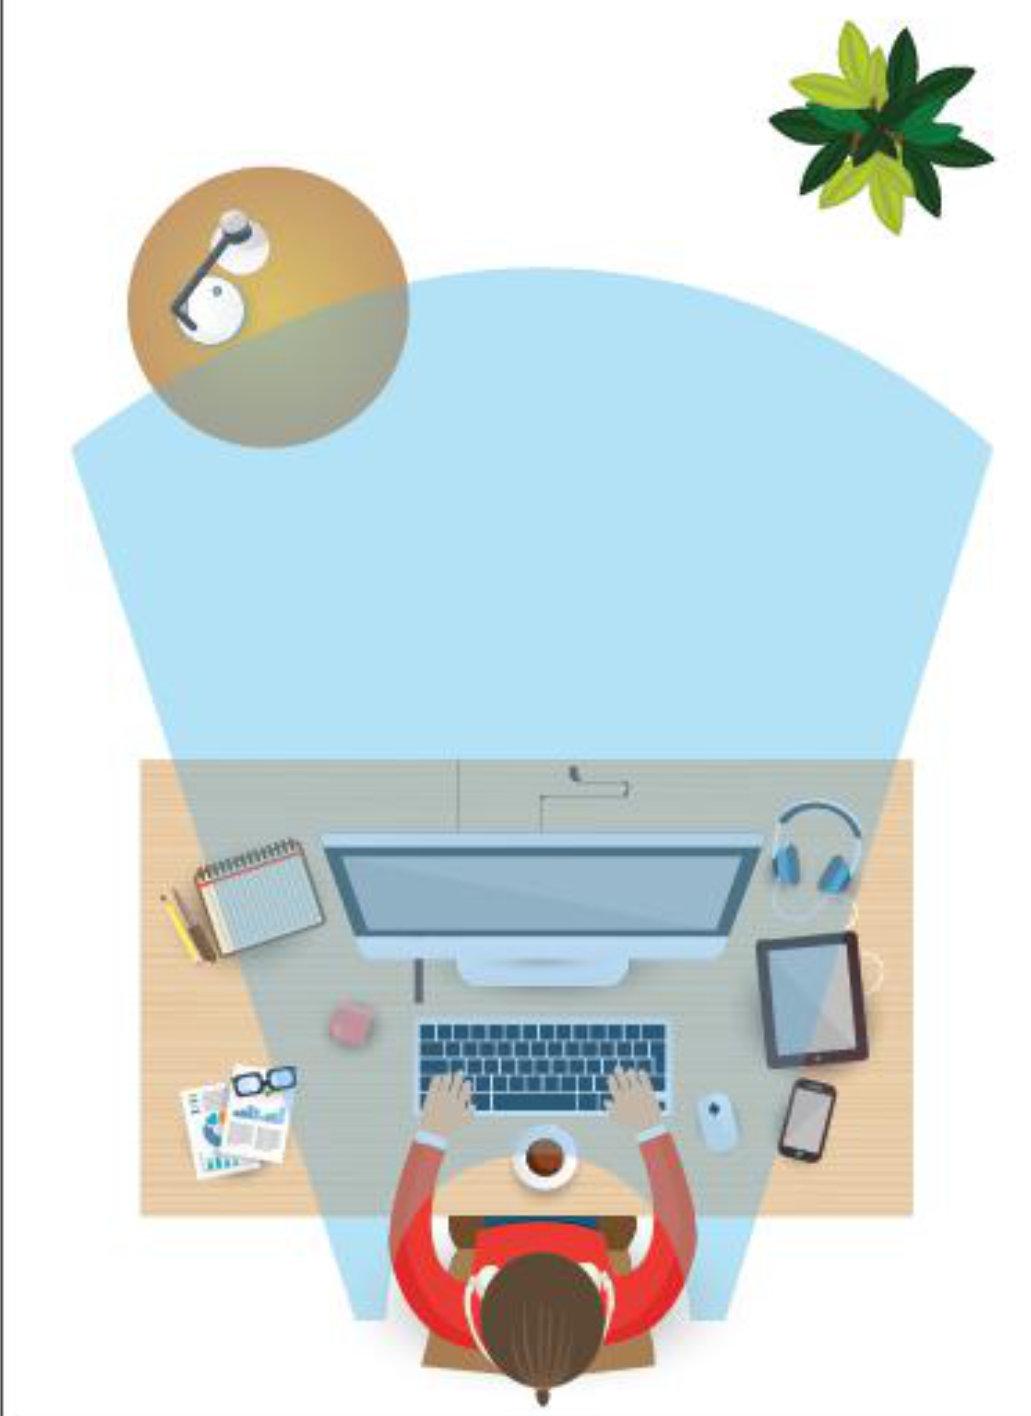 Arbejdspladsen med skærm